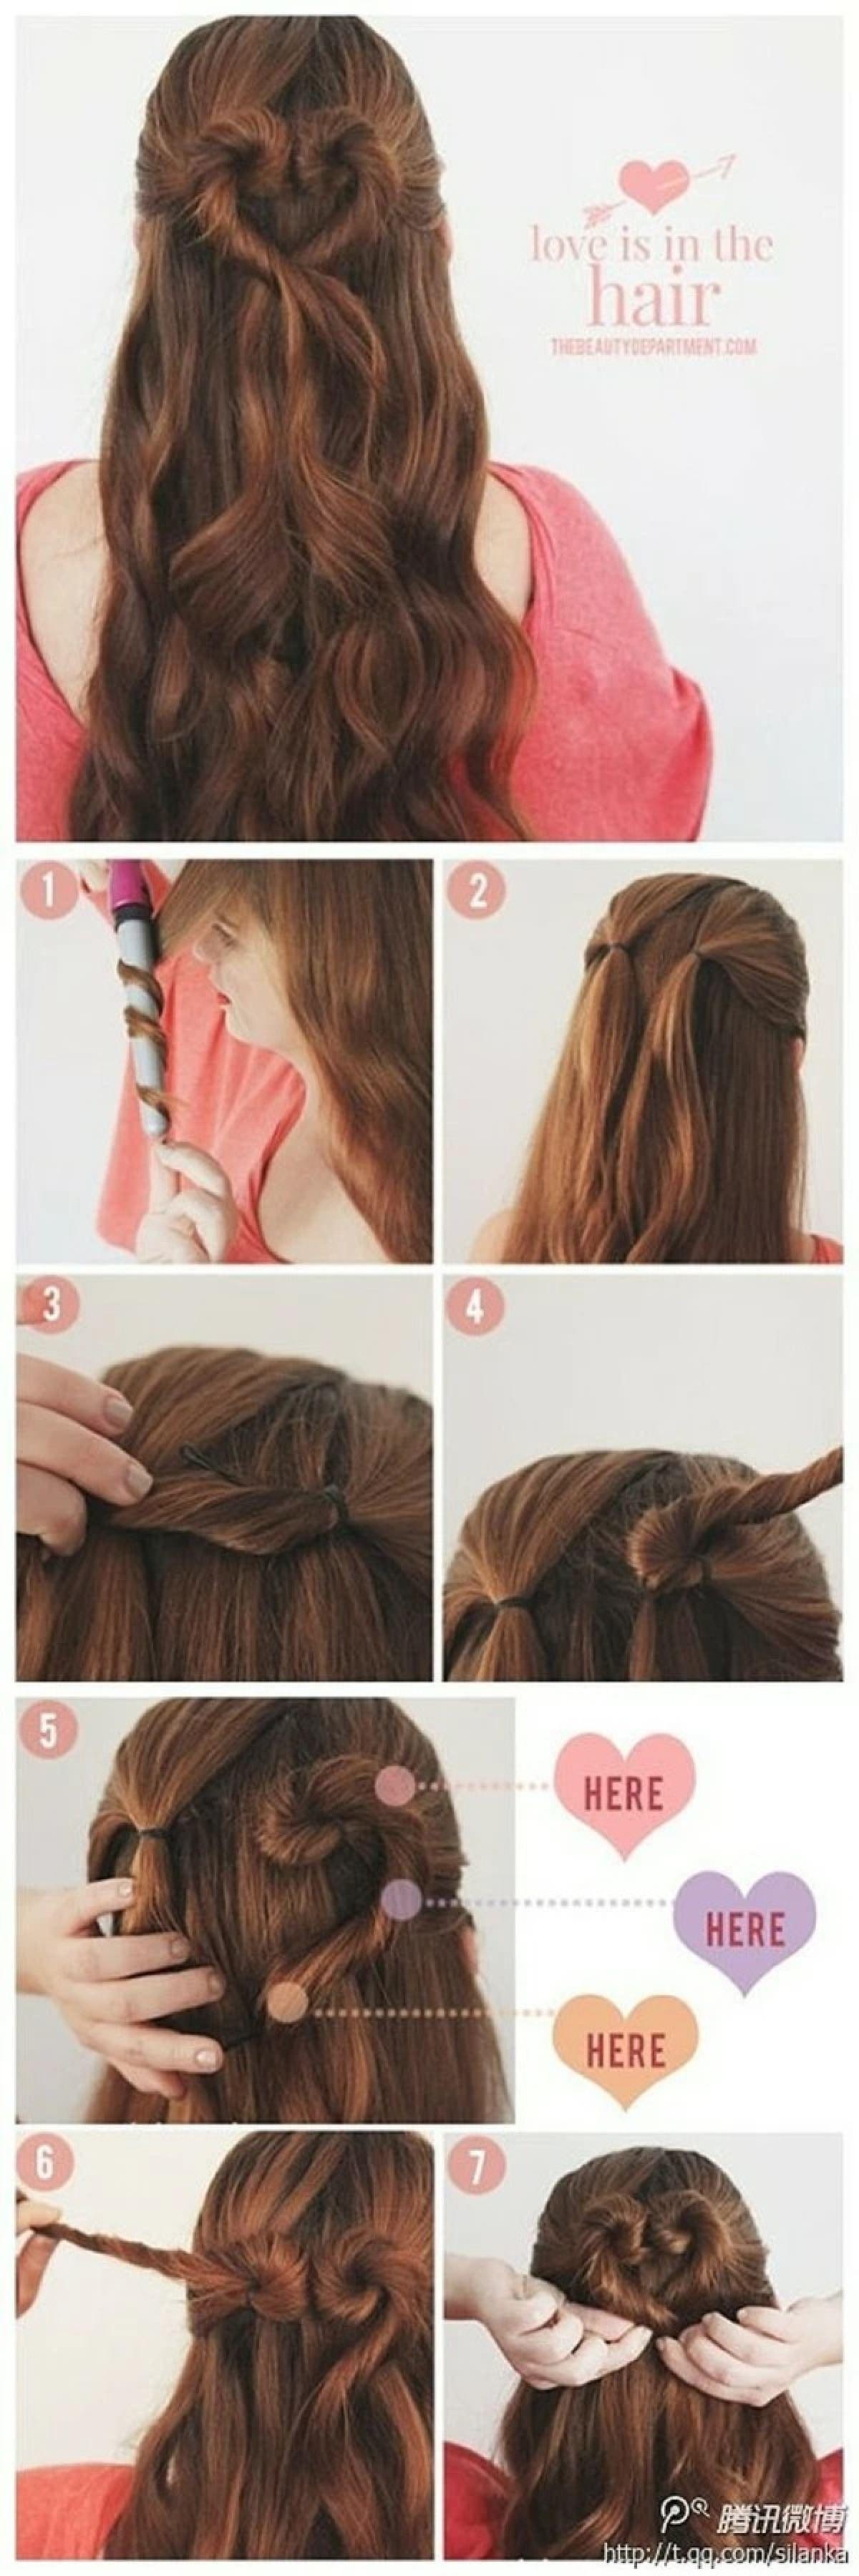 Romanitsche Frisuren Stylefruits Inspiration Haare Frisur Herz Frisuren Flechtfrisuren Niedliche Frisuren